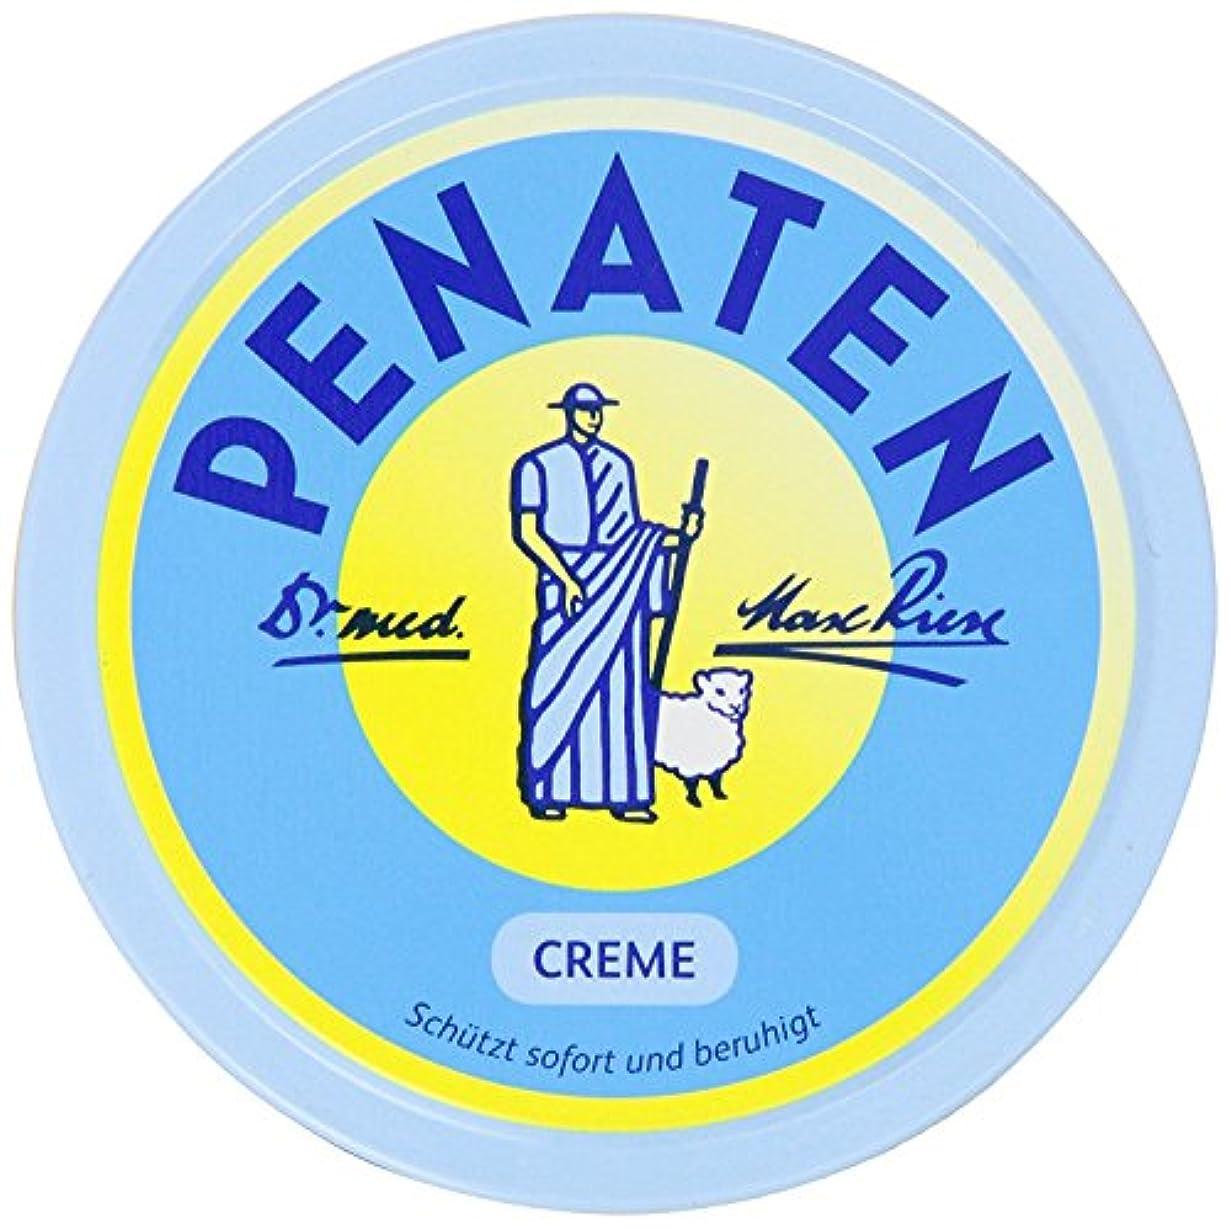 怒って肘掛け椅子ハシー(ペナテン) Penaten Baby Creme 150 ml, 3er Pack (3 x 150 ml) (並行輸入品) shumaman